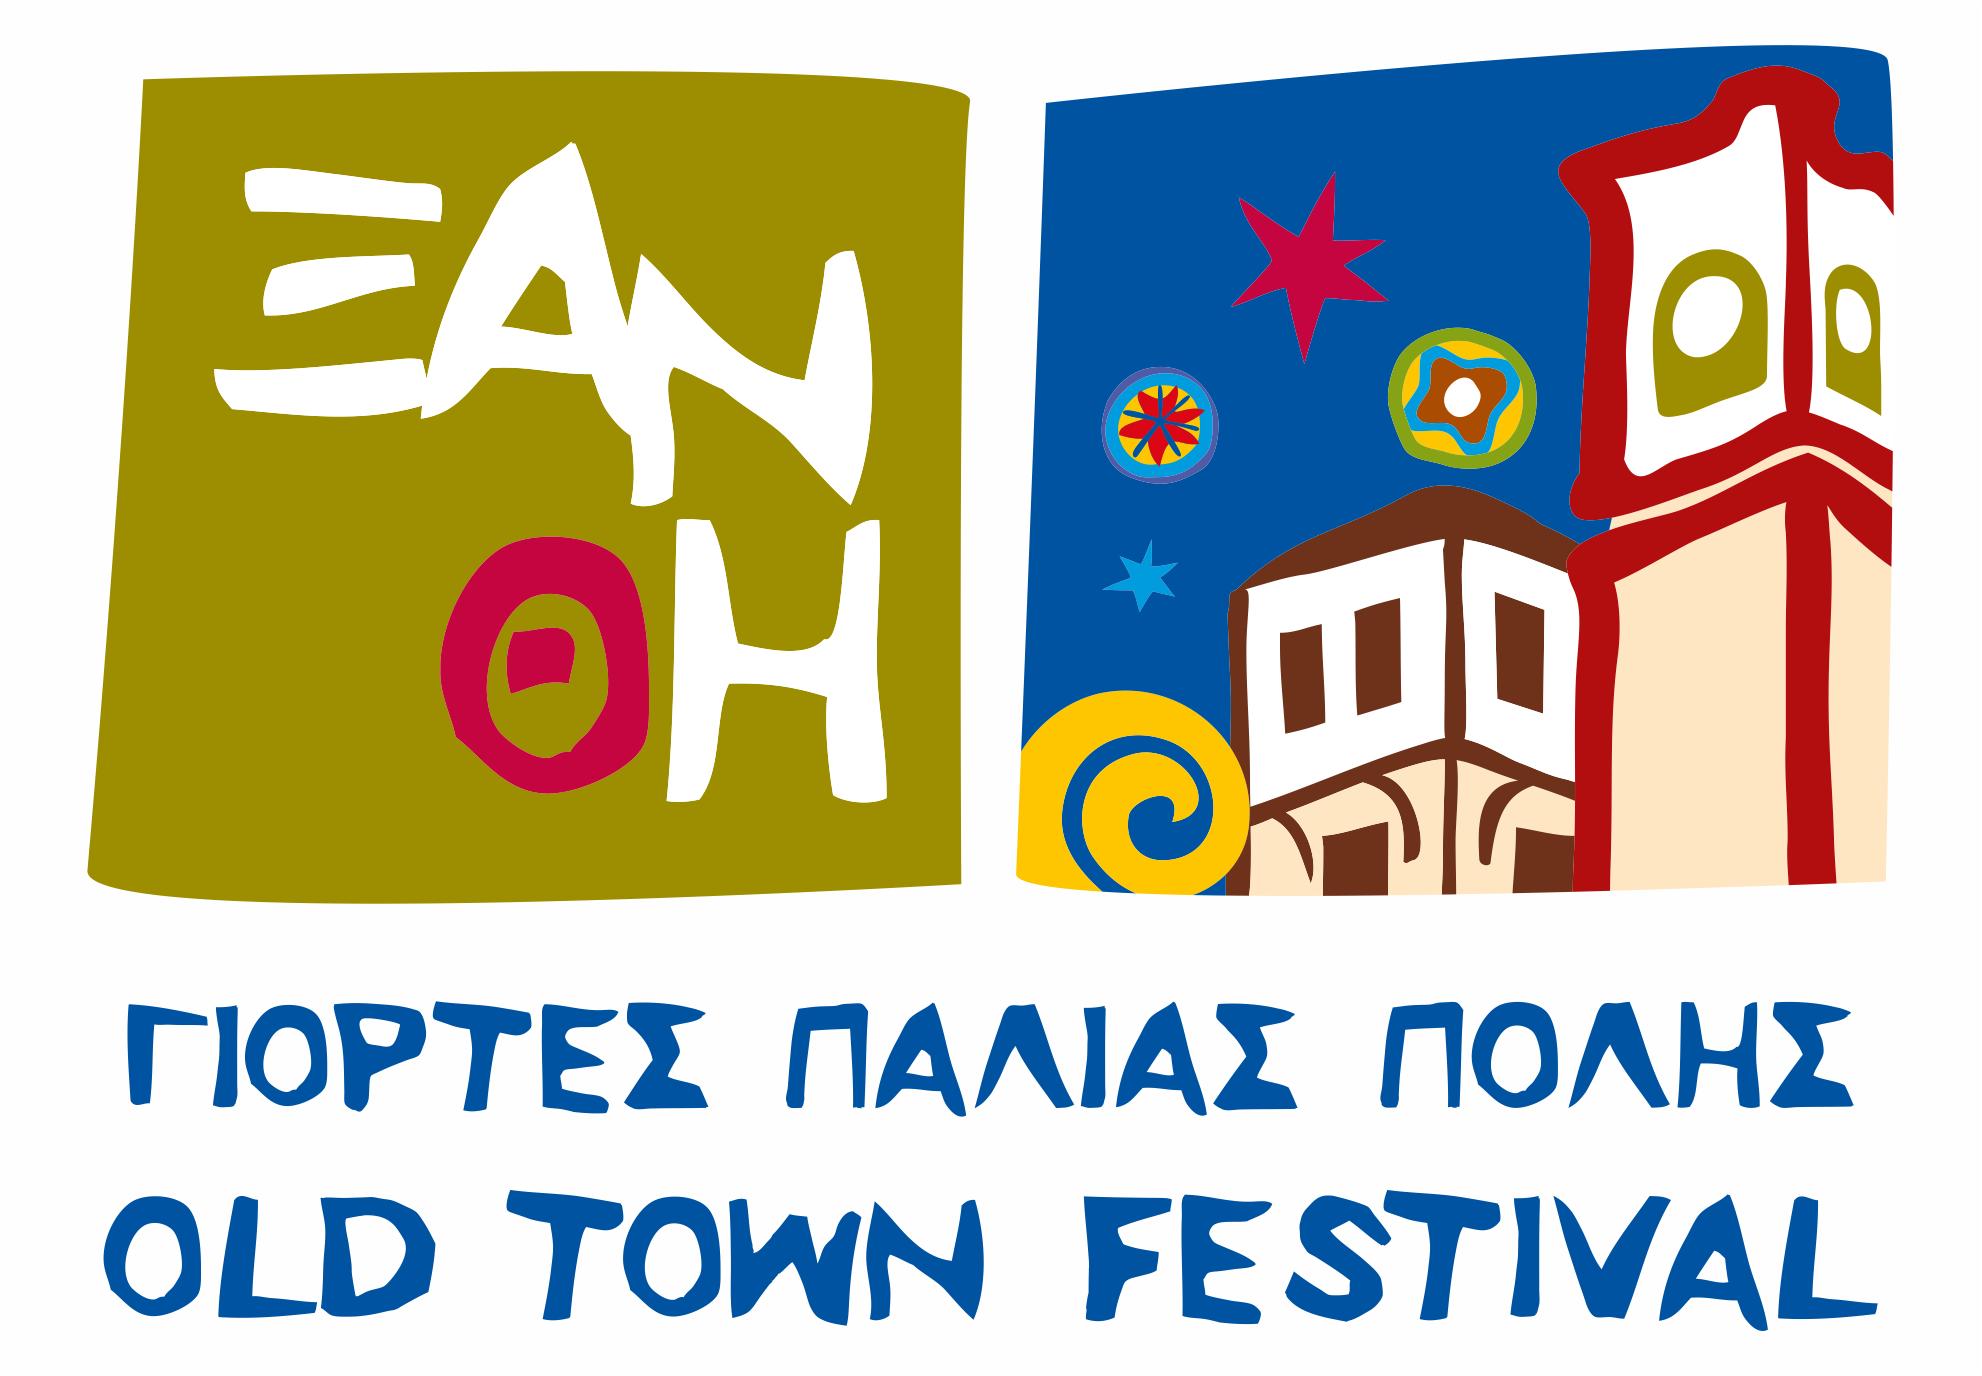 Αιτήσεις συμμετοχής για την Δημοτική Πινακοθήκη κατά την διάρκεια των Γιορτών Παλιάς Πόλης 2021